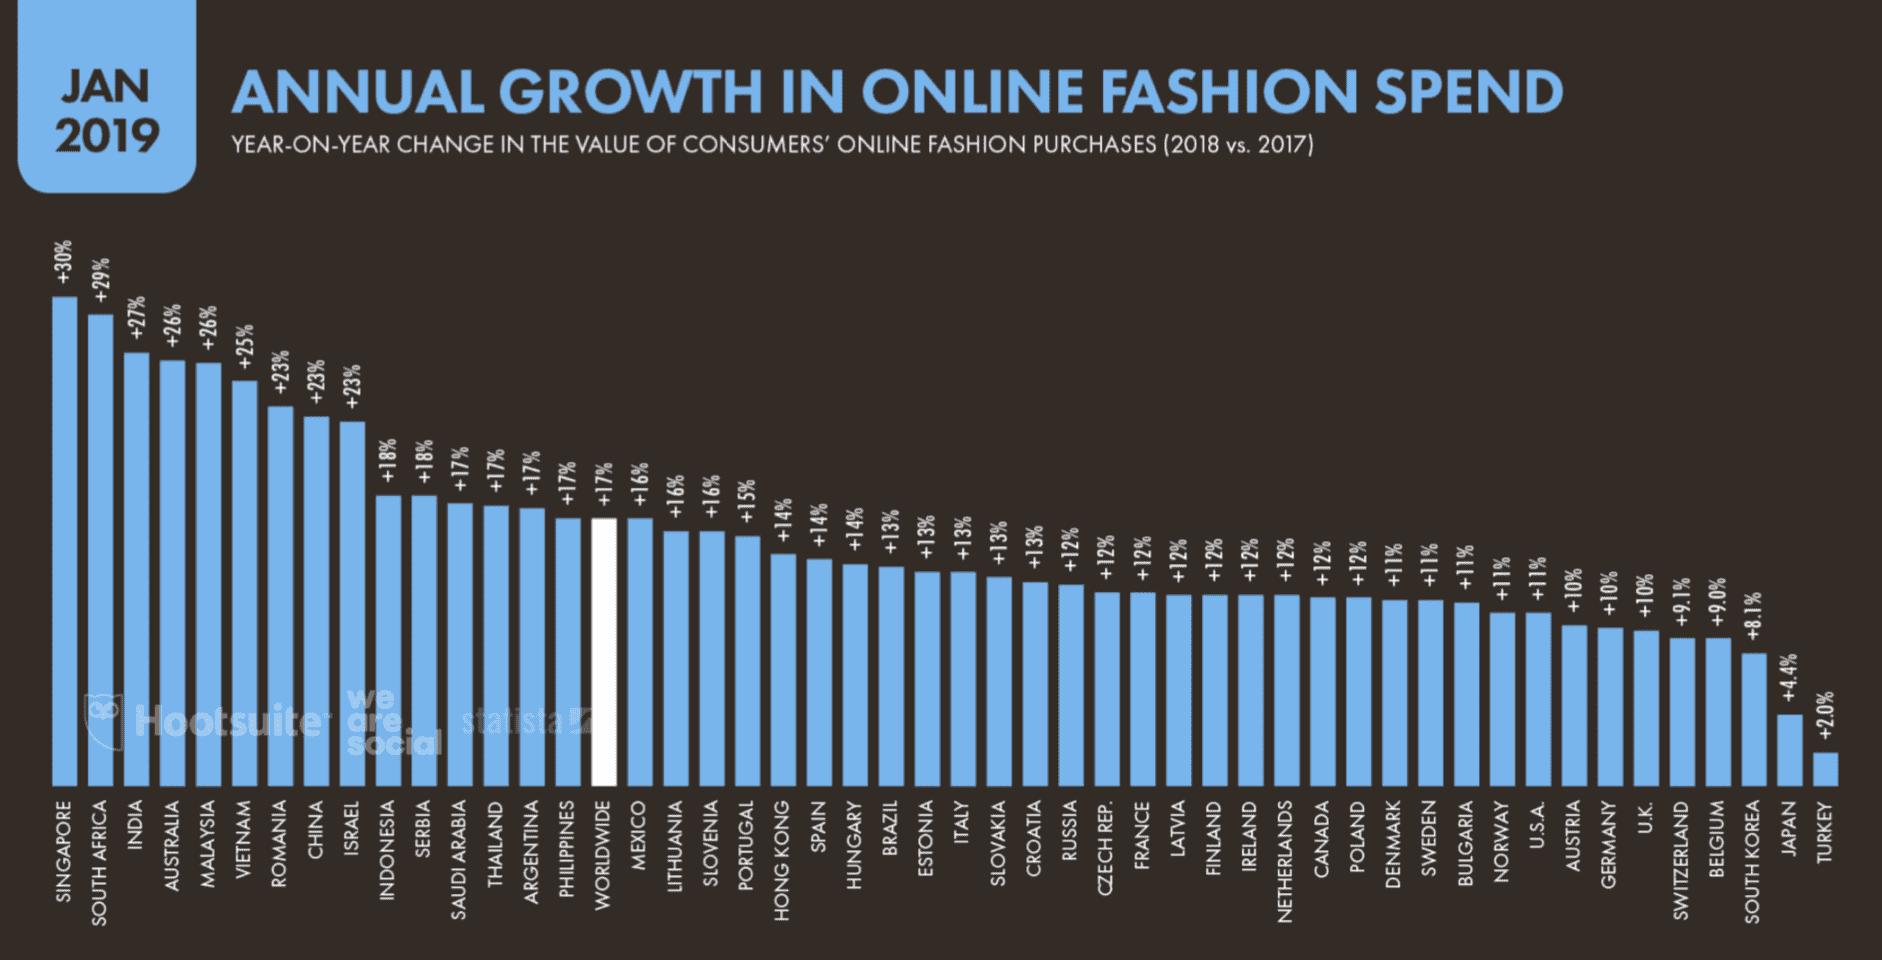 La croissance annuelle des dépenses de mode en ligne